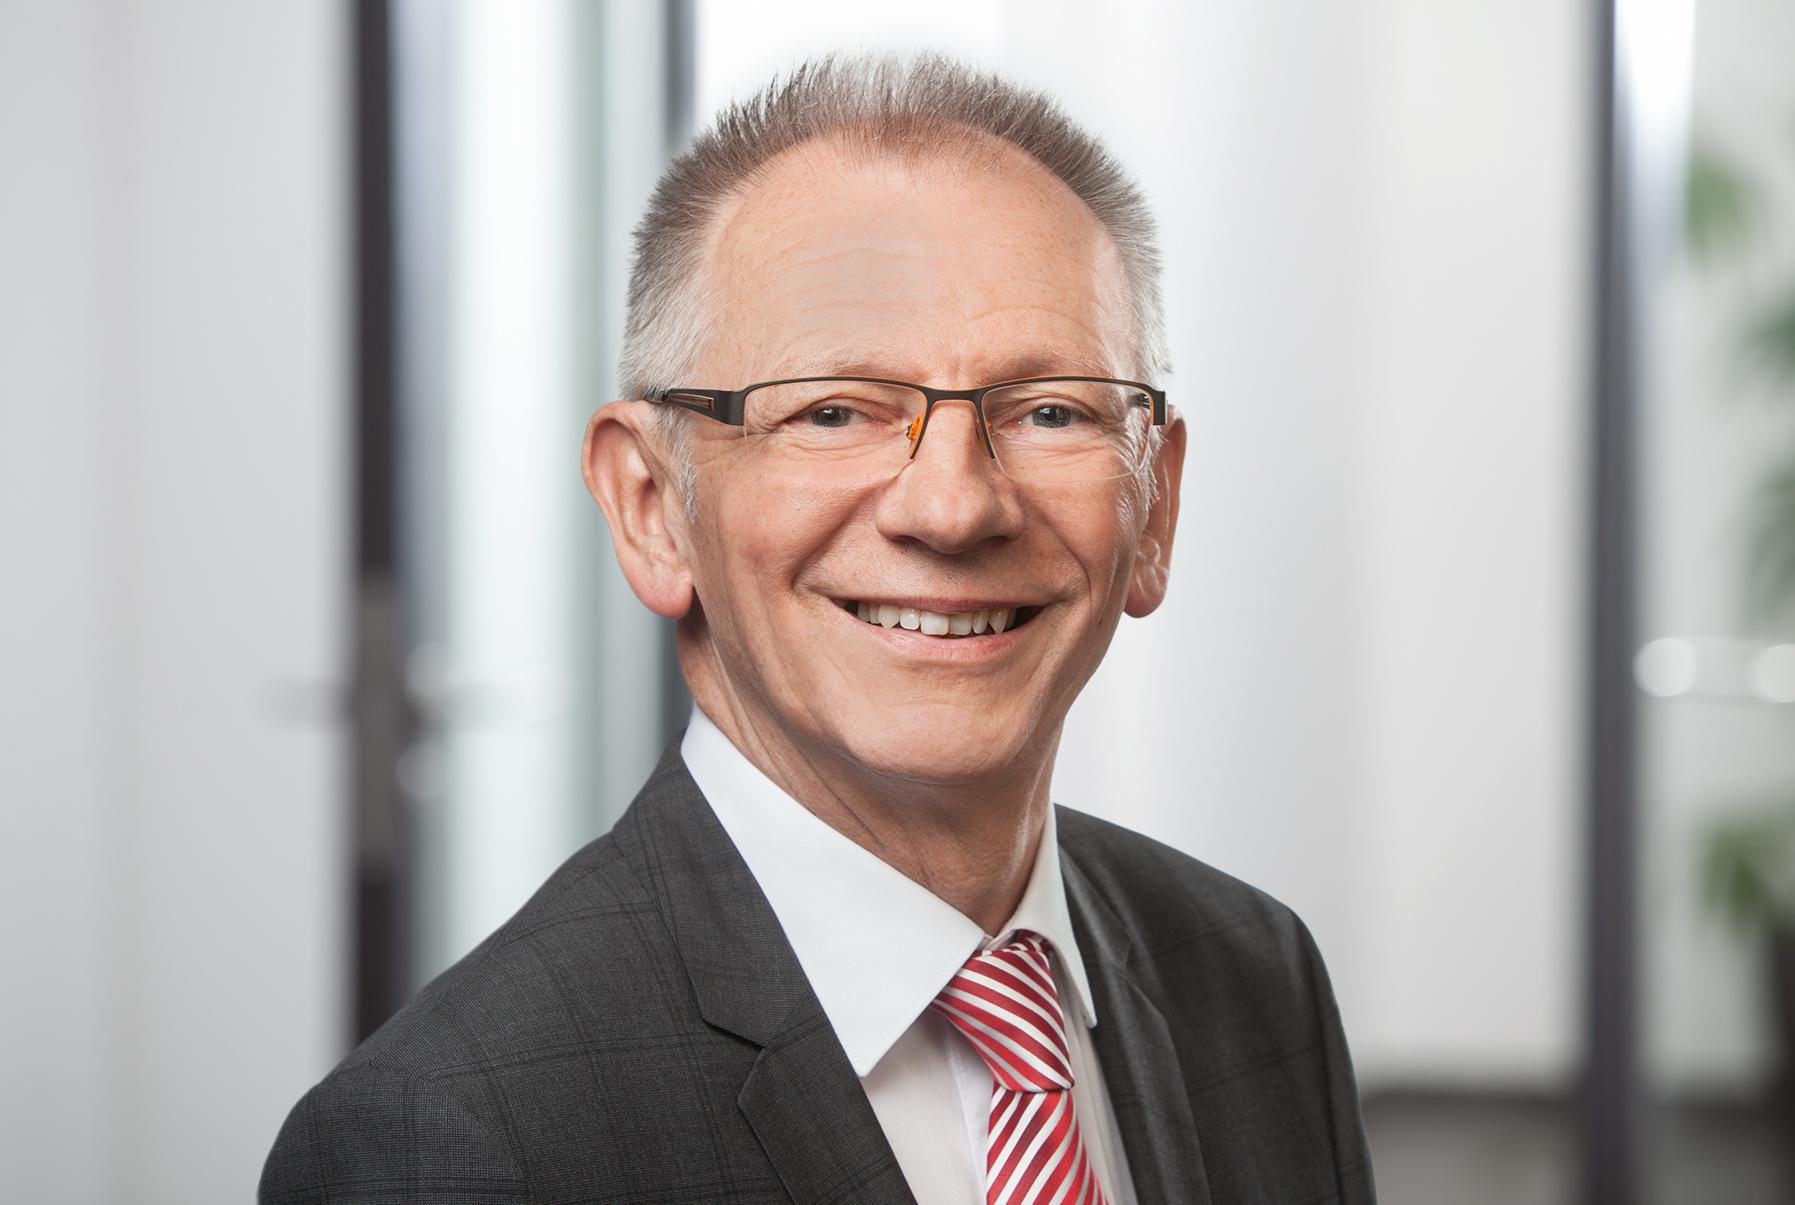 Michael Toberg bereichert die Geschäftsführung der HLB Dr. Schumacher & Partner um seine Branchenerfahrung (Foto: HLB Dr. Schumacher & Partner)